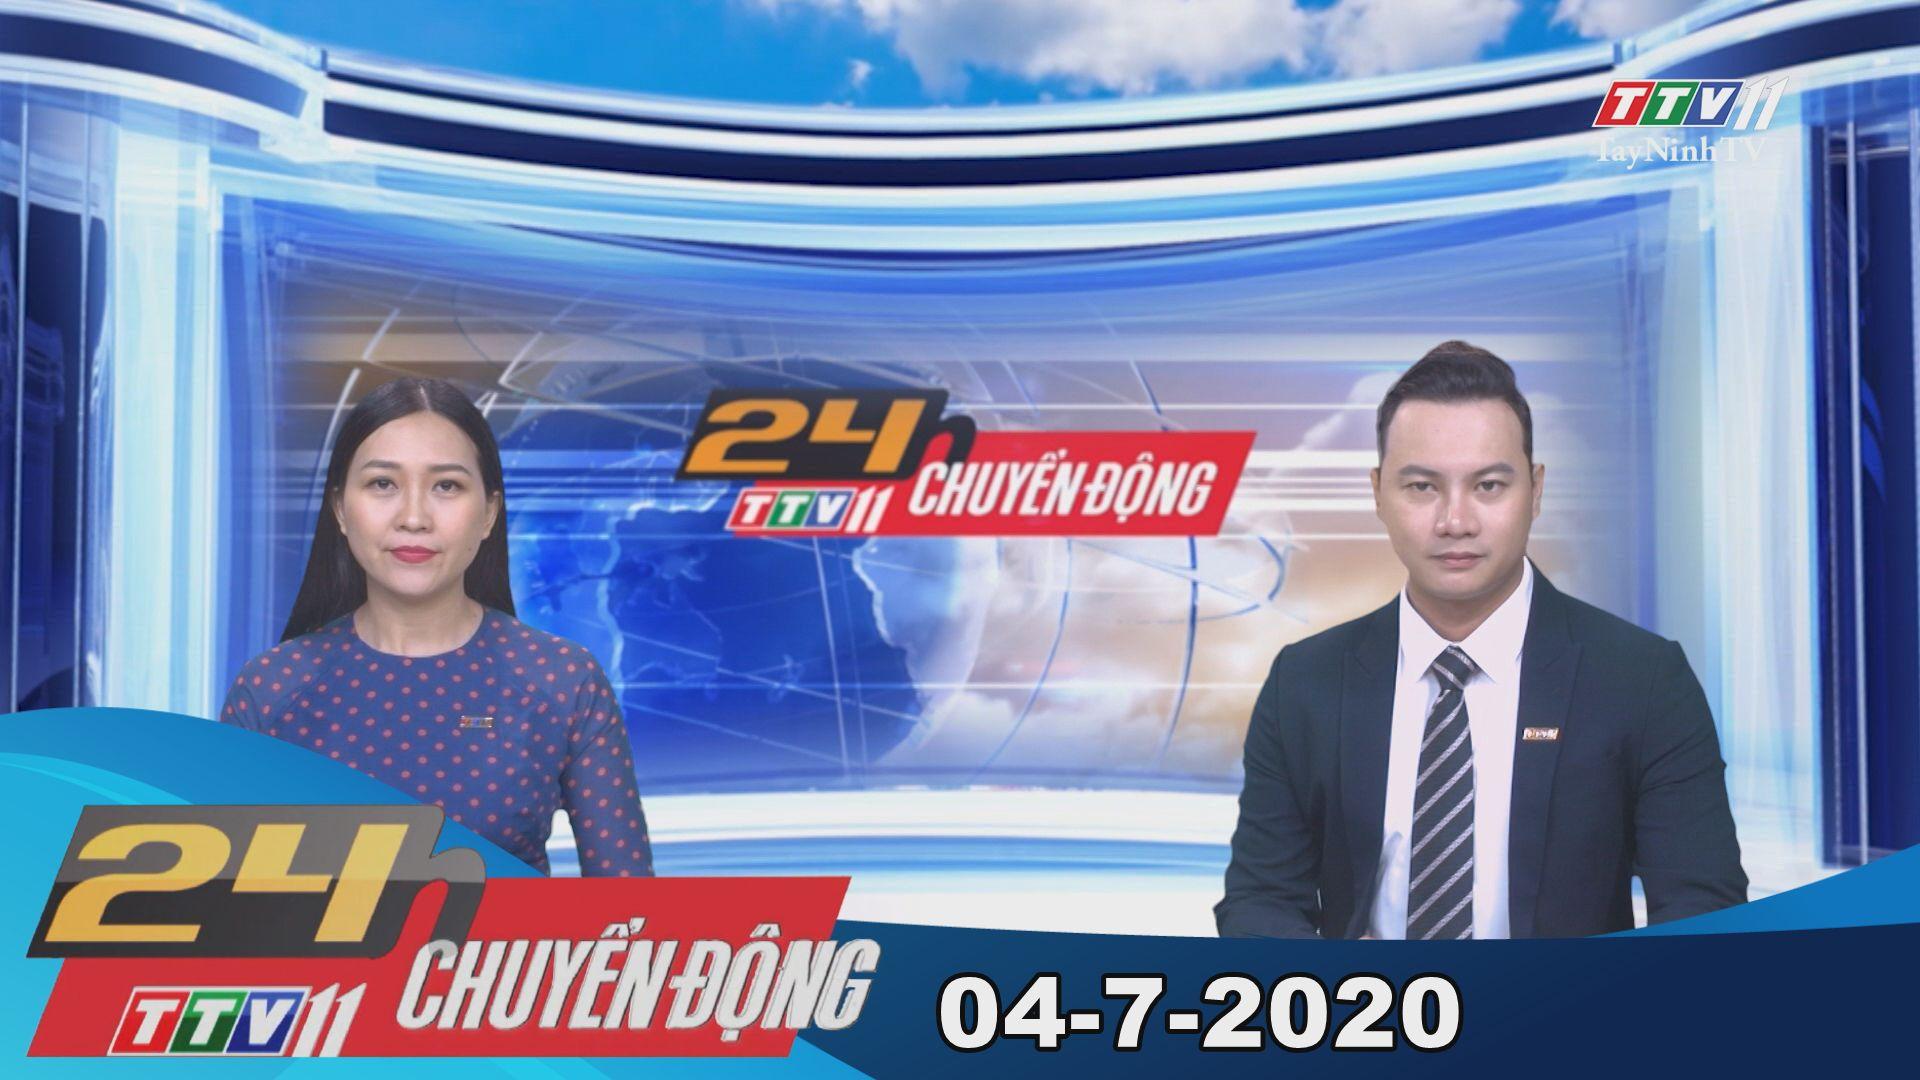 24h Chuyển động 04-7-2020 | Tin tức hôm nay | TayNinhTV